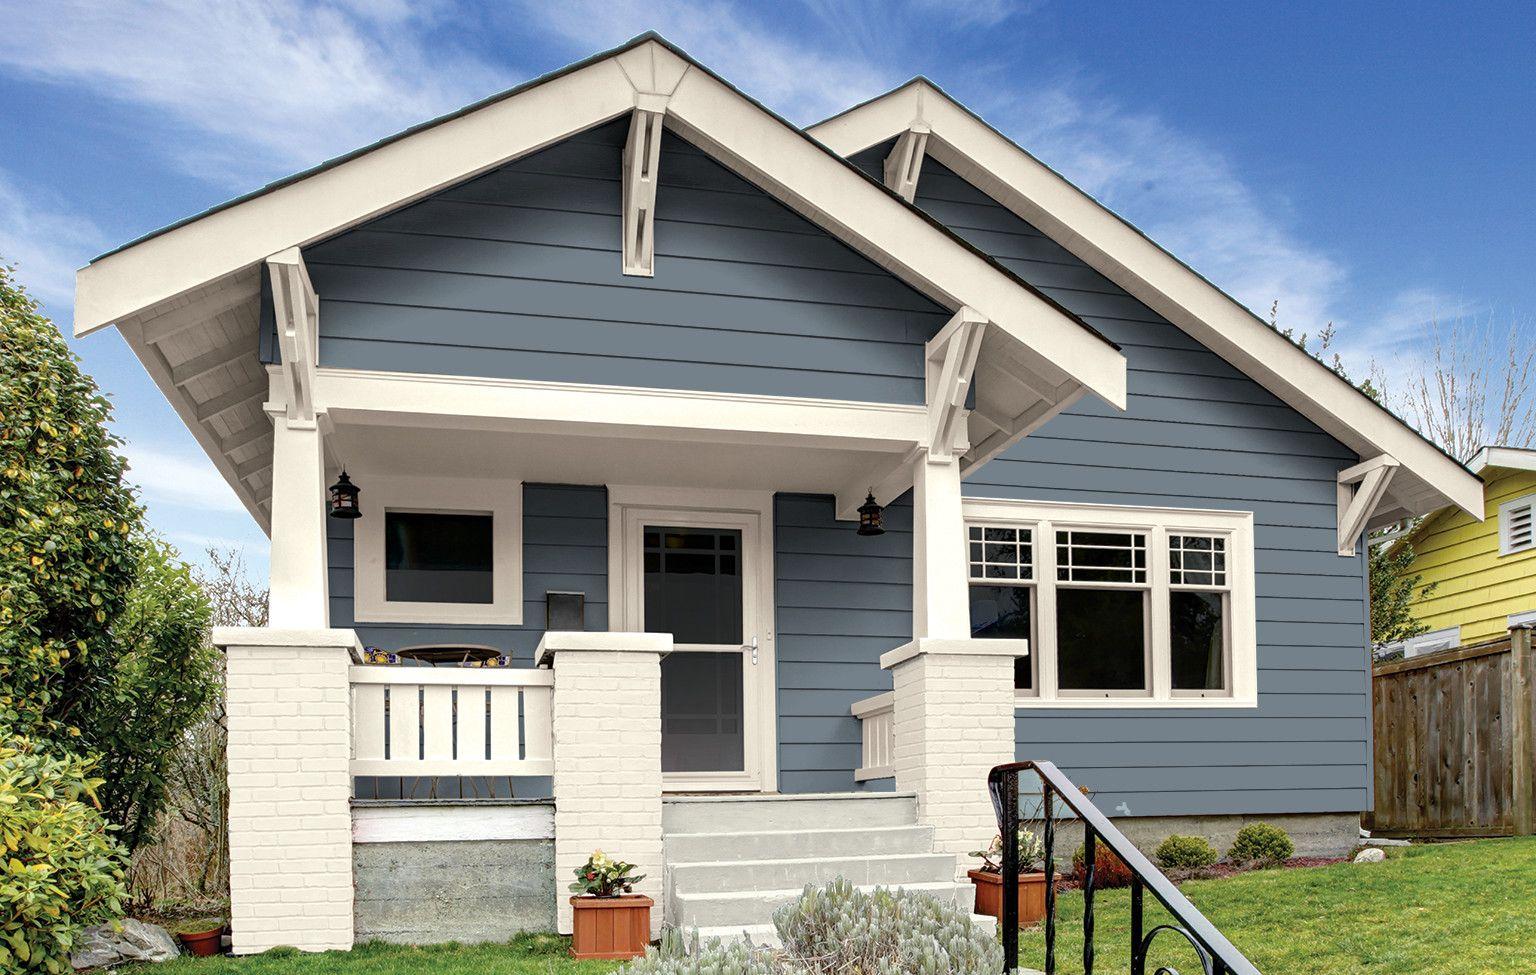 Best Exterior Color Palettes Exterior Paint Colors For House House Exterior Color Schemes House Paint Exterior